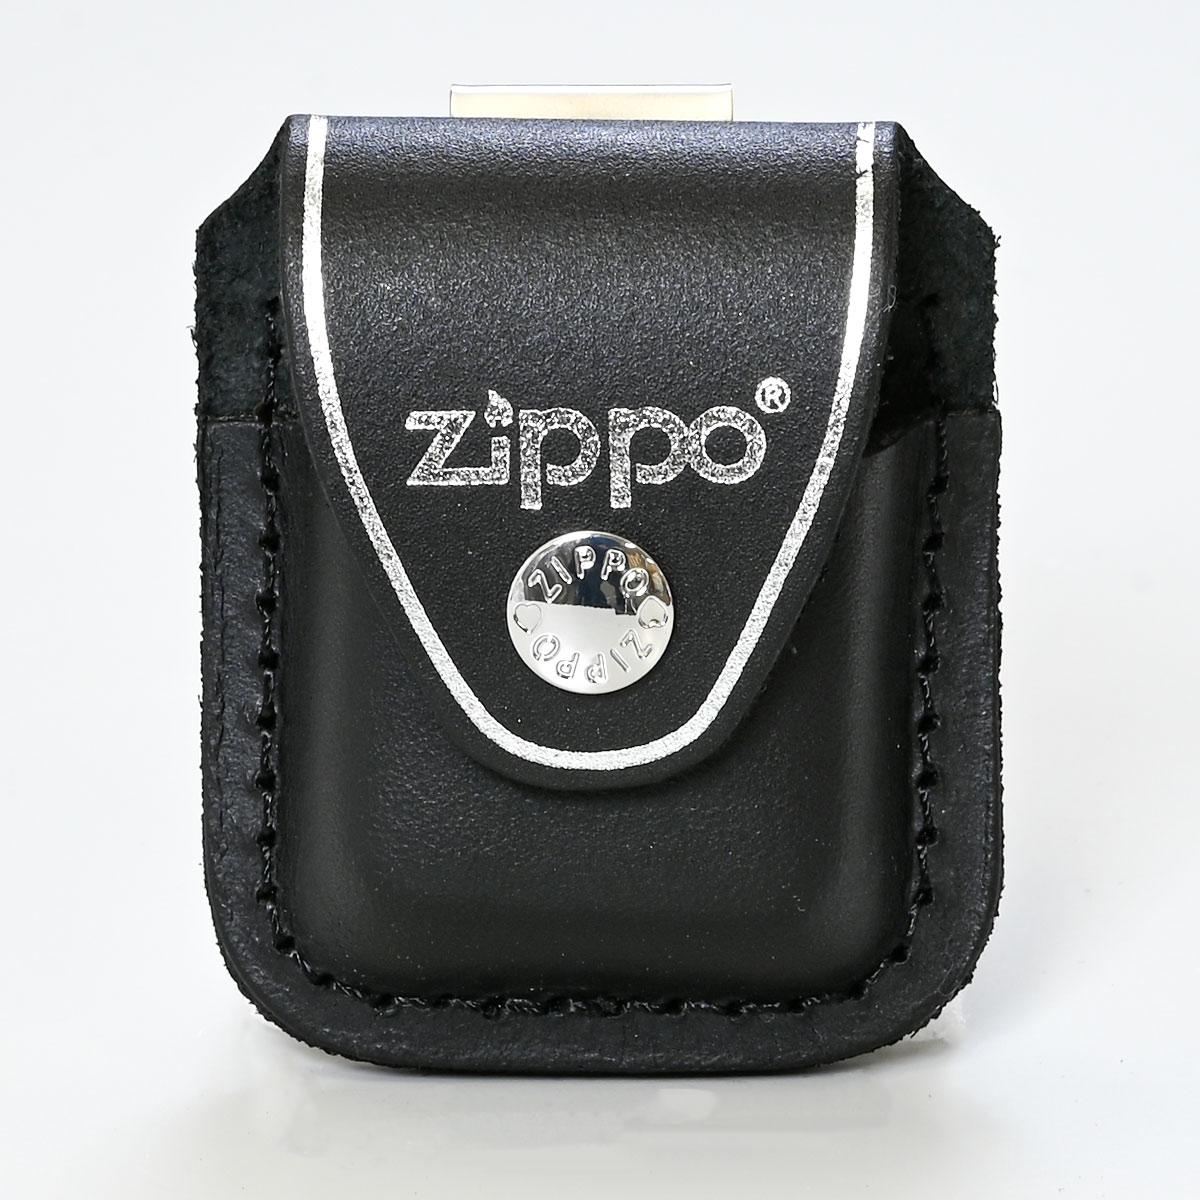 ジッポケース 専用ケース 革ポーチ クリップ留め ZIPPO純正 アクセサリ ブラック LPCBK